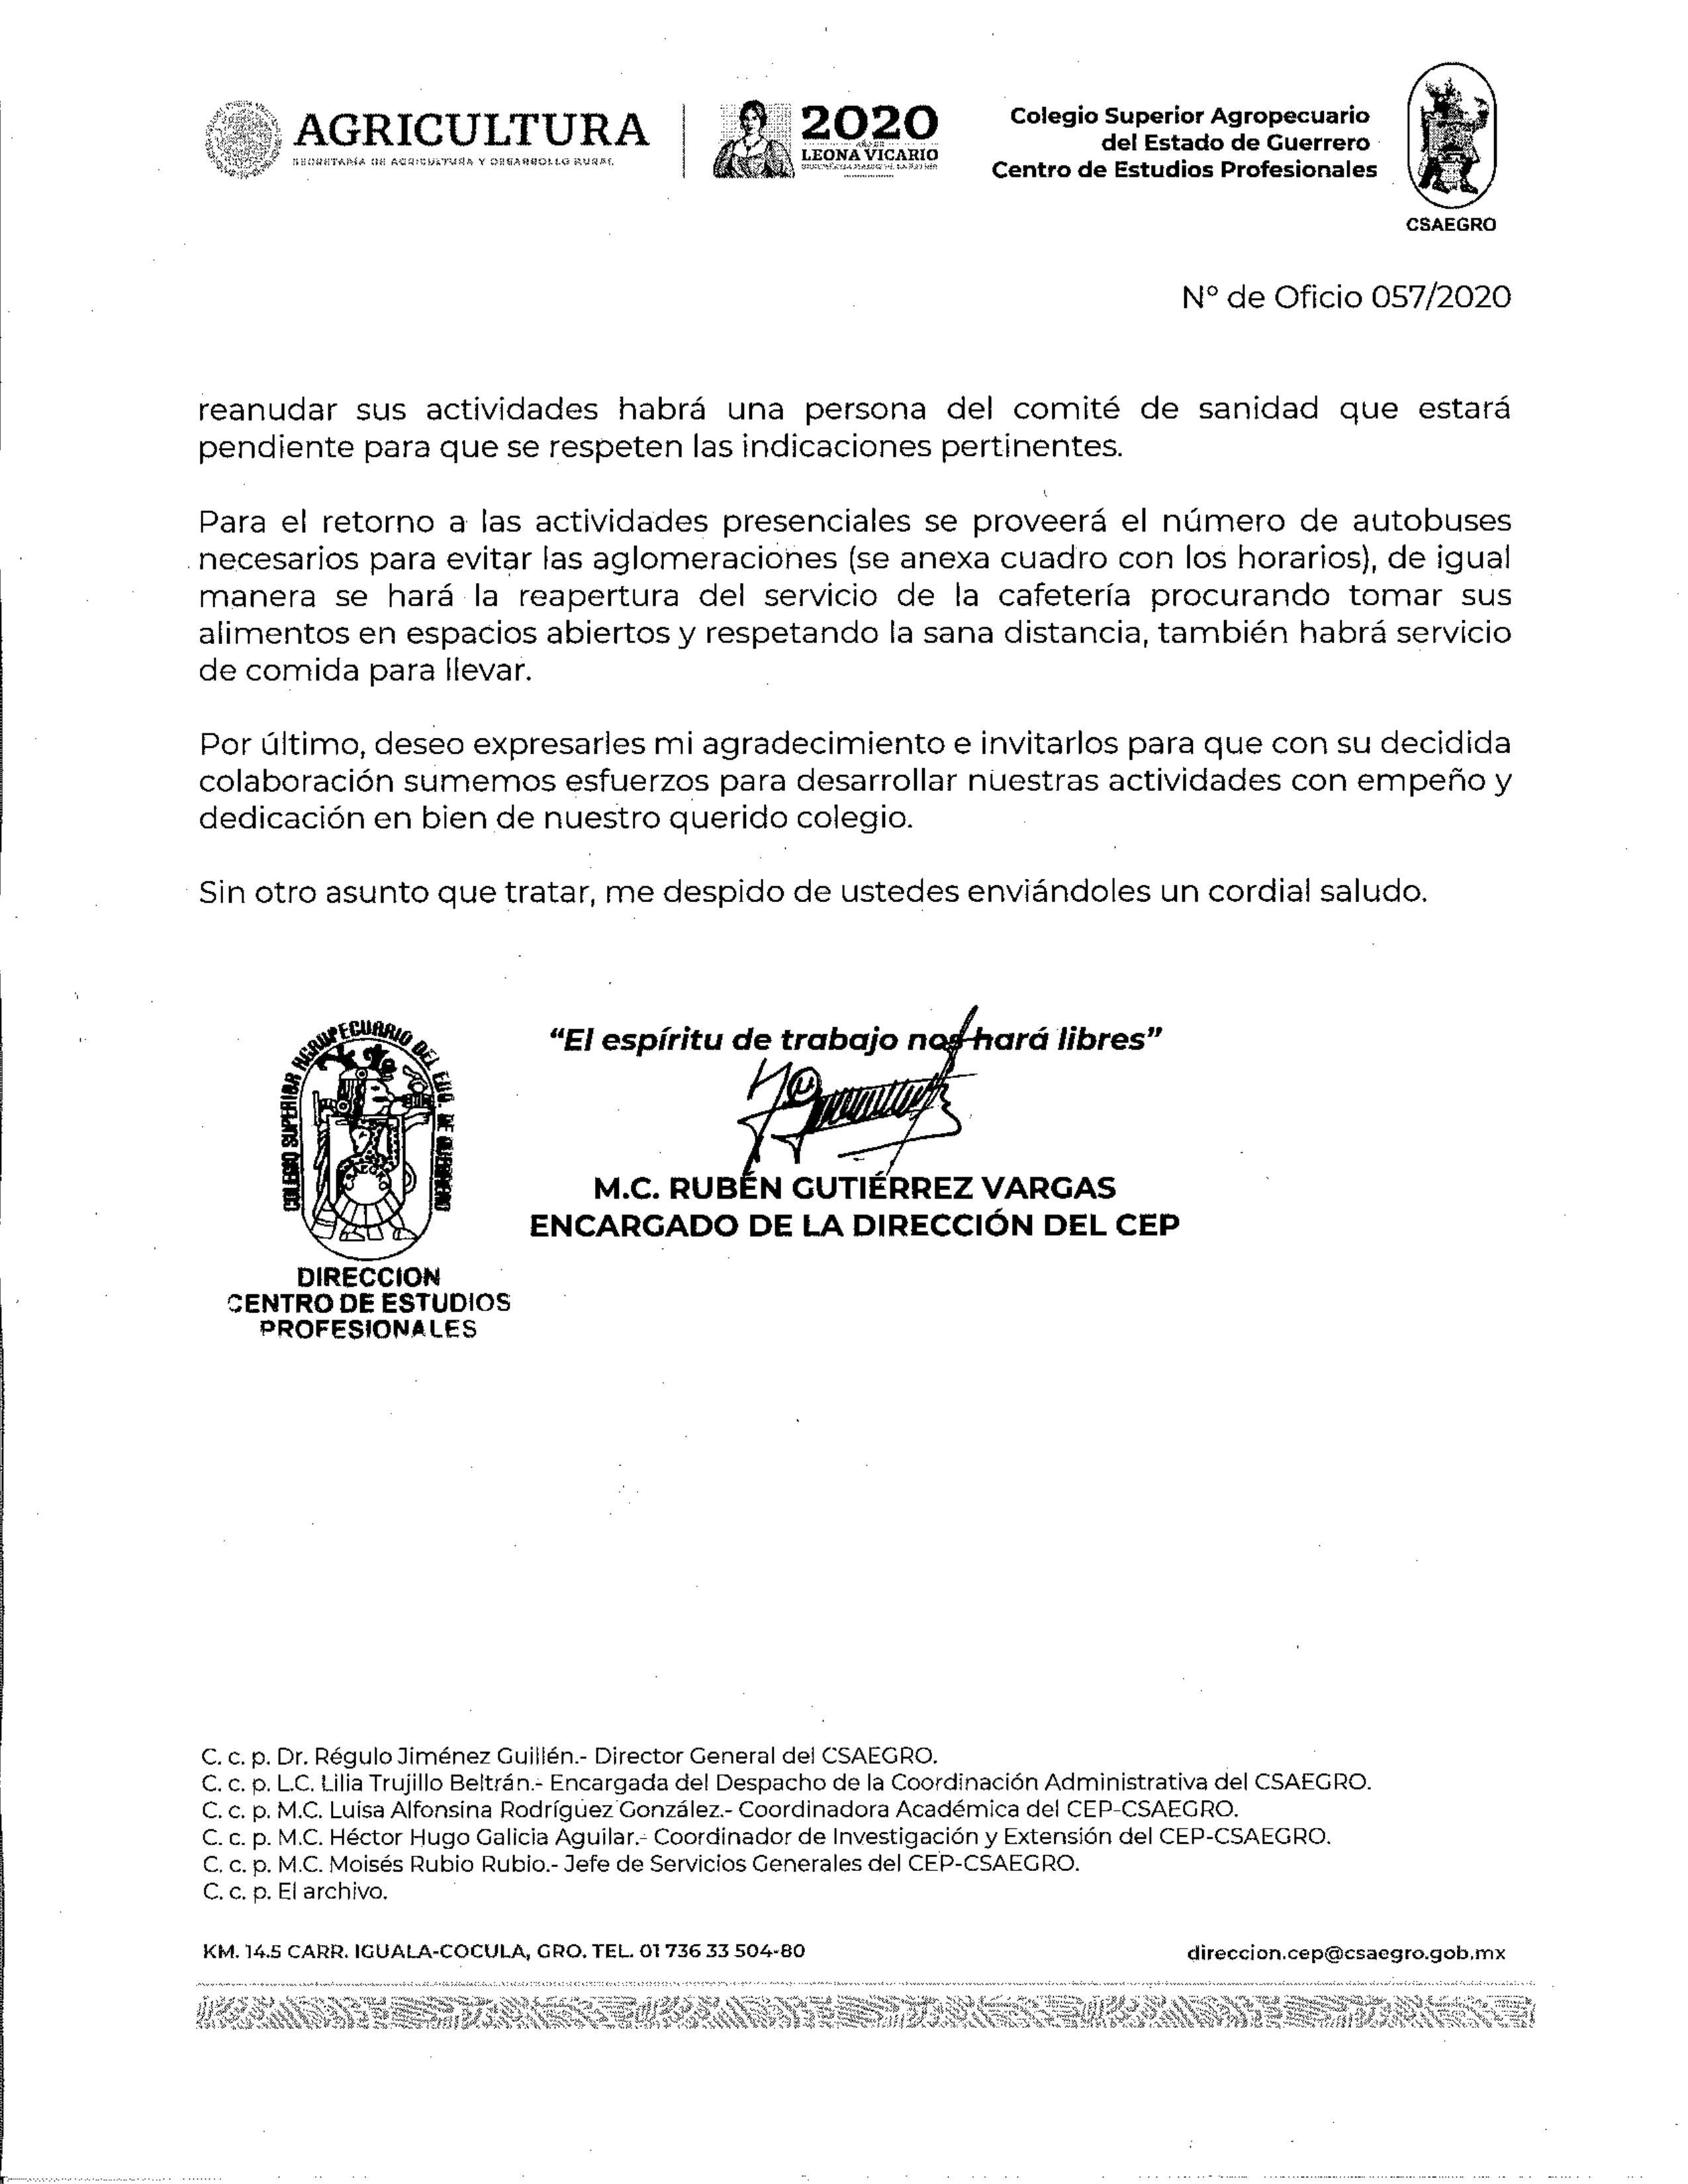 Oficio No. 057-2020 Reincorporación actividades presenciales CEP pag.2